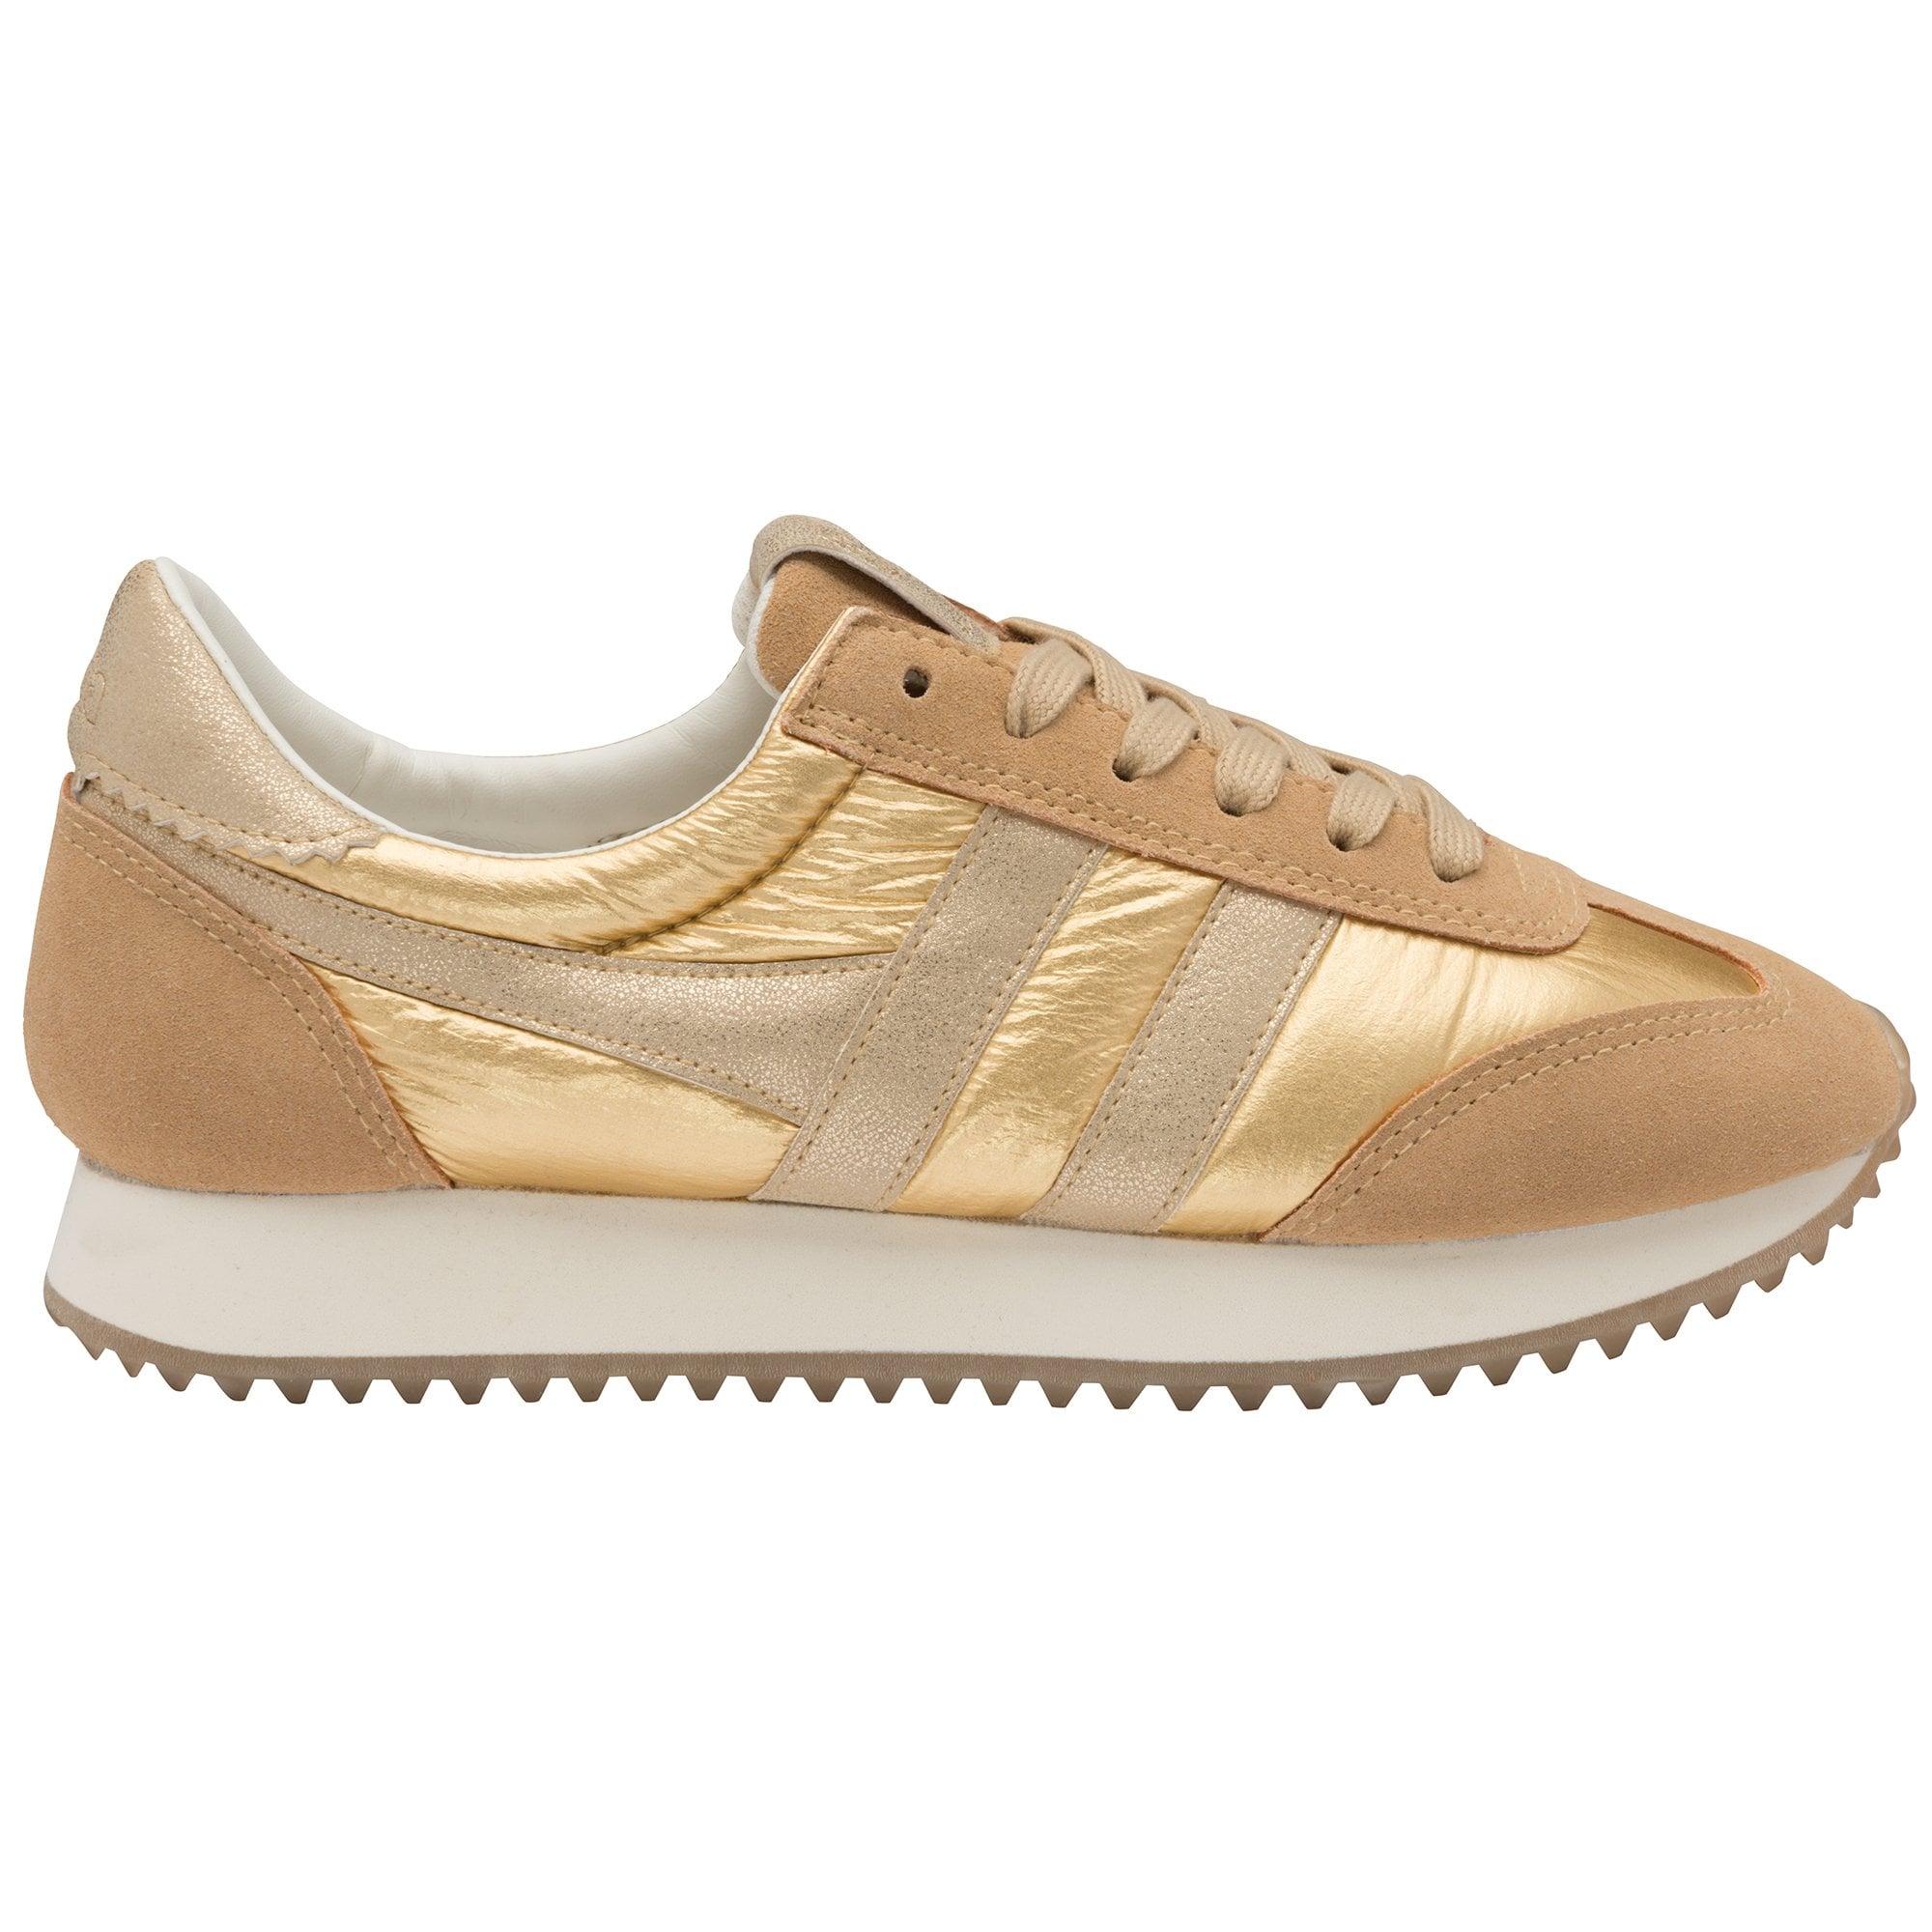 metallic womens trainers